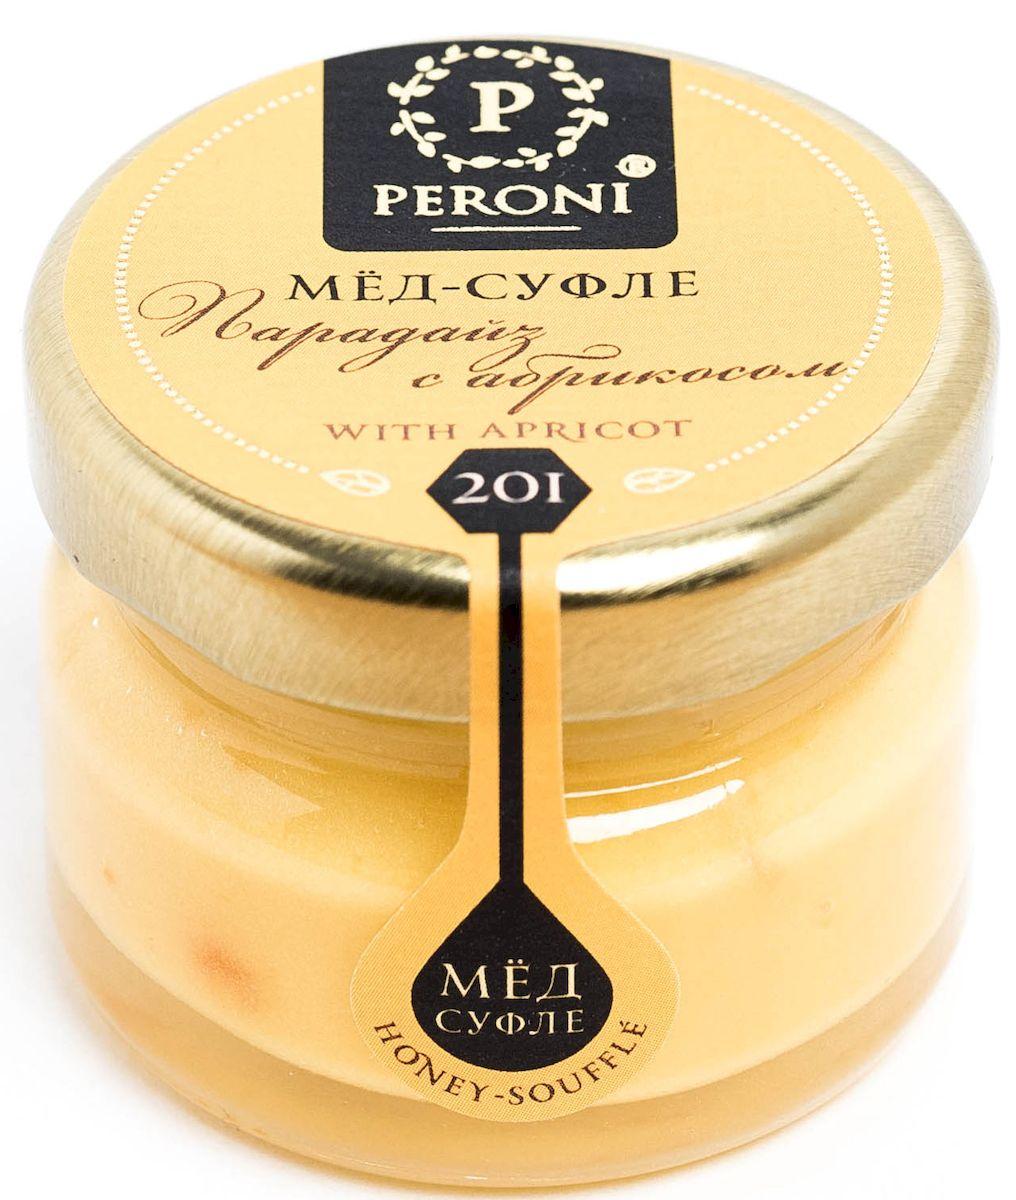 Peroni Парадайз с абрикосом мёд-суфле, 30 г201-1Мёд-суфле с сушеным абрикосом — не только вкуснейшая новинка в медовом мире, но и настоящий помощник здоровью и красоте. Мед солнечного, молочно-абрикосового цвета. Аромат тонкий и выразительный, по характеру цветочно-сливочно-фруктовый. Основная нота принадлежит свежему абрикосу, фруктовому йогурту. В нежном медовом суфле встречаются маленькие кусочки кураги, которые создают абрикосовые акценты. Вкусовые характеристики меда и абрикоса проявляются комплексно, они близки и идеально дополняют друг друга, создавая гармонию. Вкус меда чрезвычайно динамичен: сливочная атака сменяется интенсивной цветочно-фруктовой волной, оставляя в завершение пряно-абрикосовый акцент. В целом вкус мёда-суфле освежающий и бодрящий. Обволакивающая сладость меда уравновешивается бодрящей фруктовой свежестью. Создается ощущение легкости и прохлады. Для получения меда-суфле используются специальные технологии. Мёд долго вымешивается при определенной скорости, после чего его...